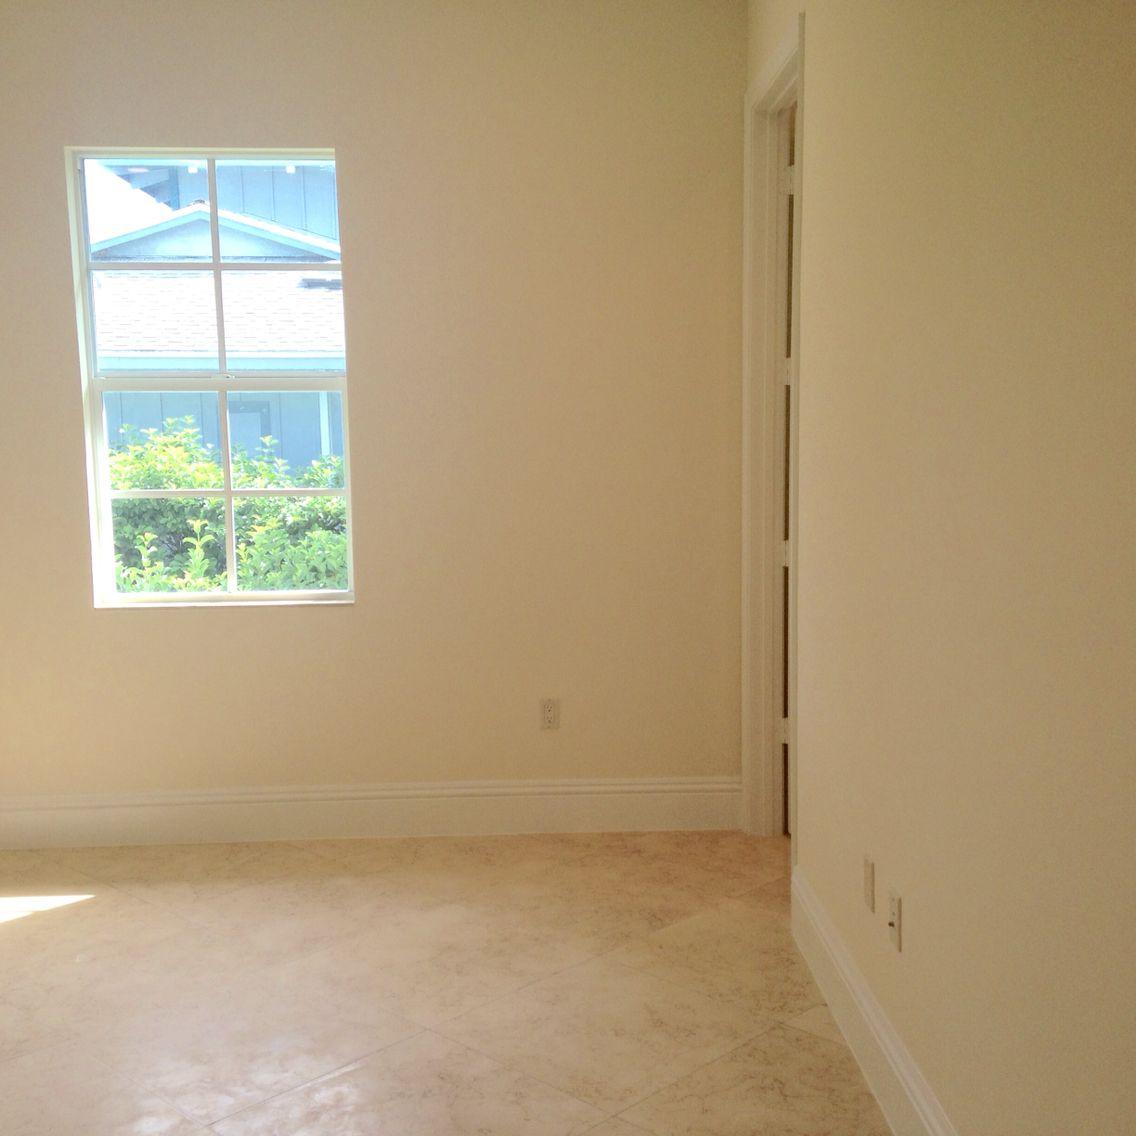 3 window bedroom  bedroom window with en suite bathroom to the right  bedroom  u en